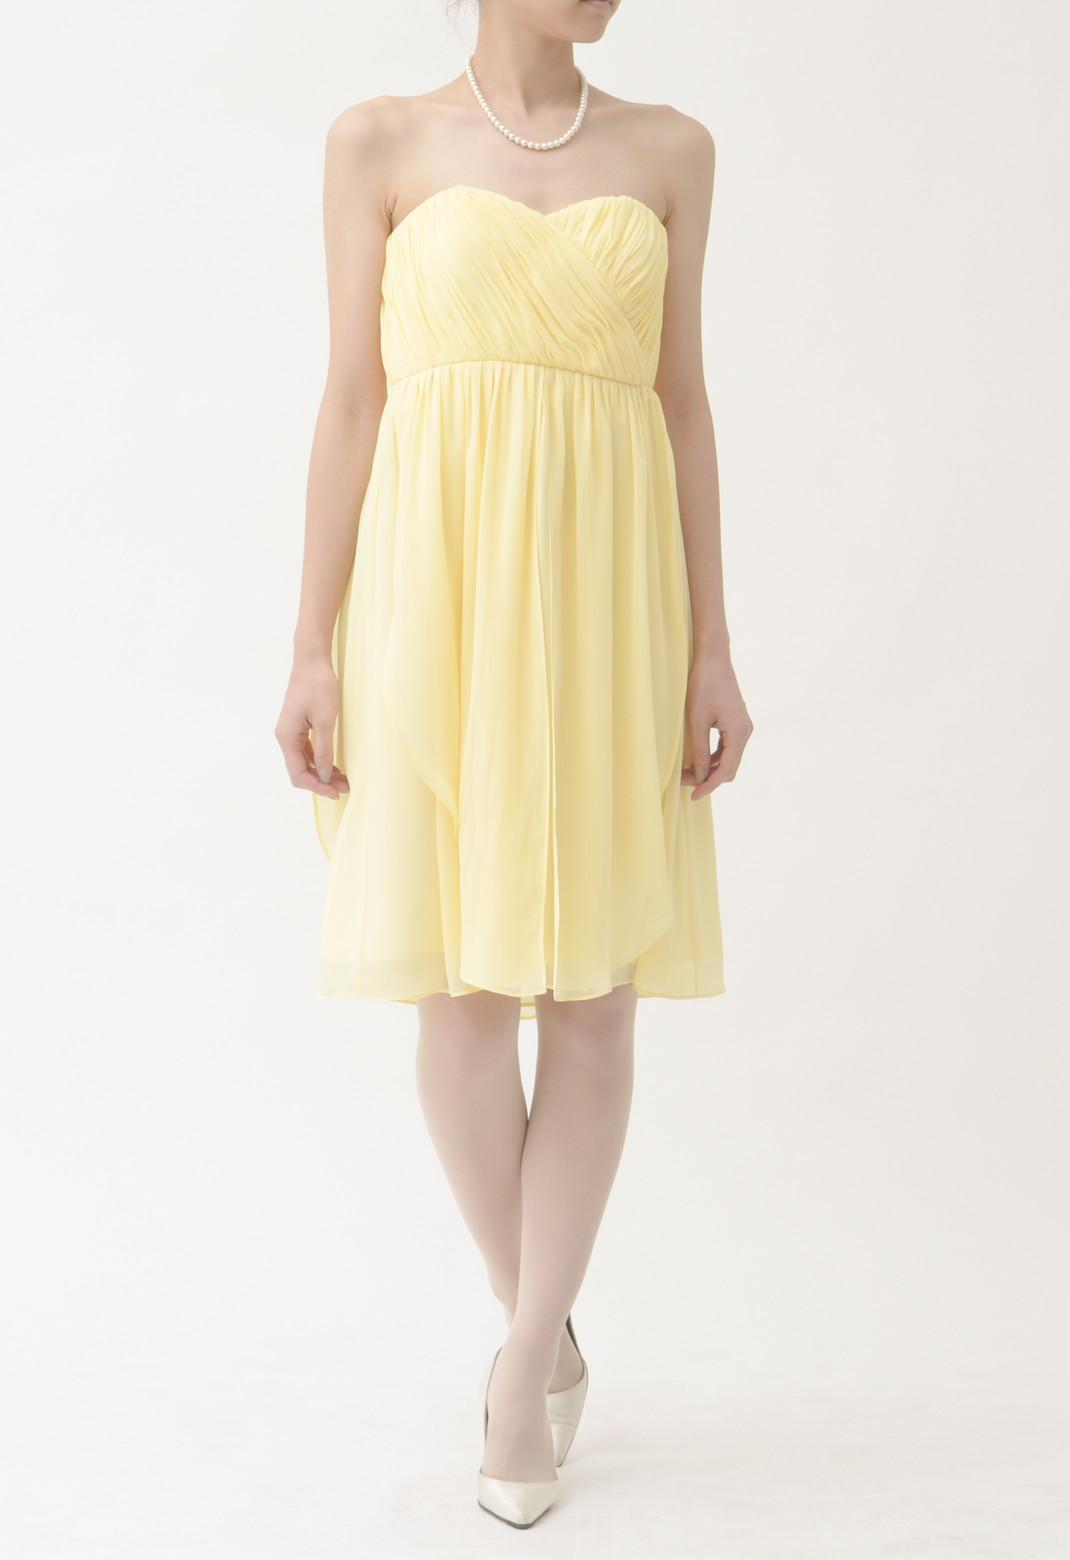 3way ストラップレス ドレス